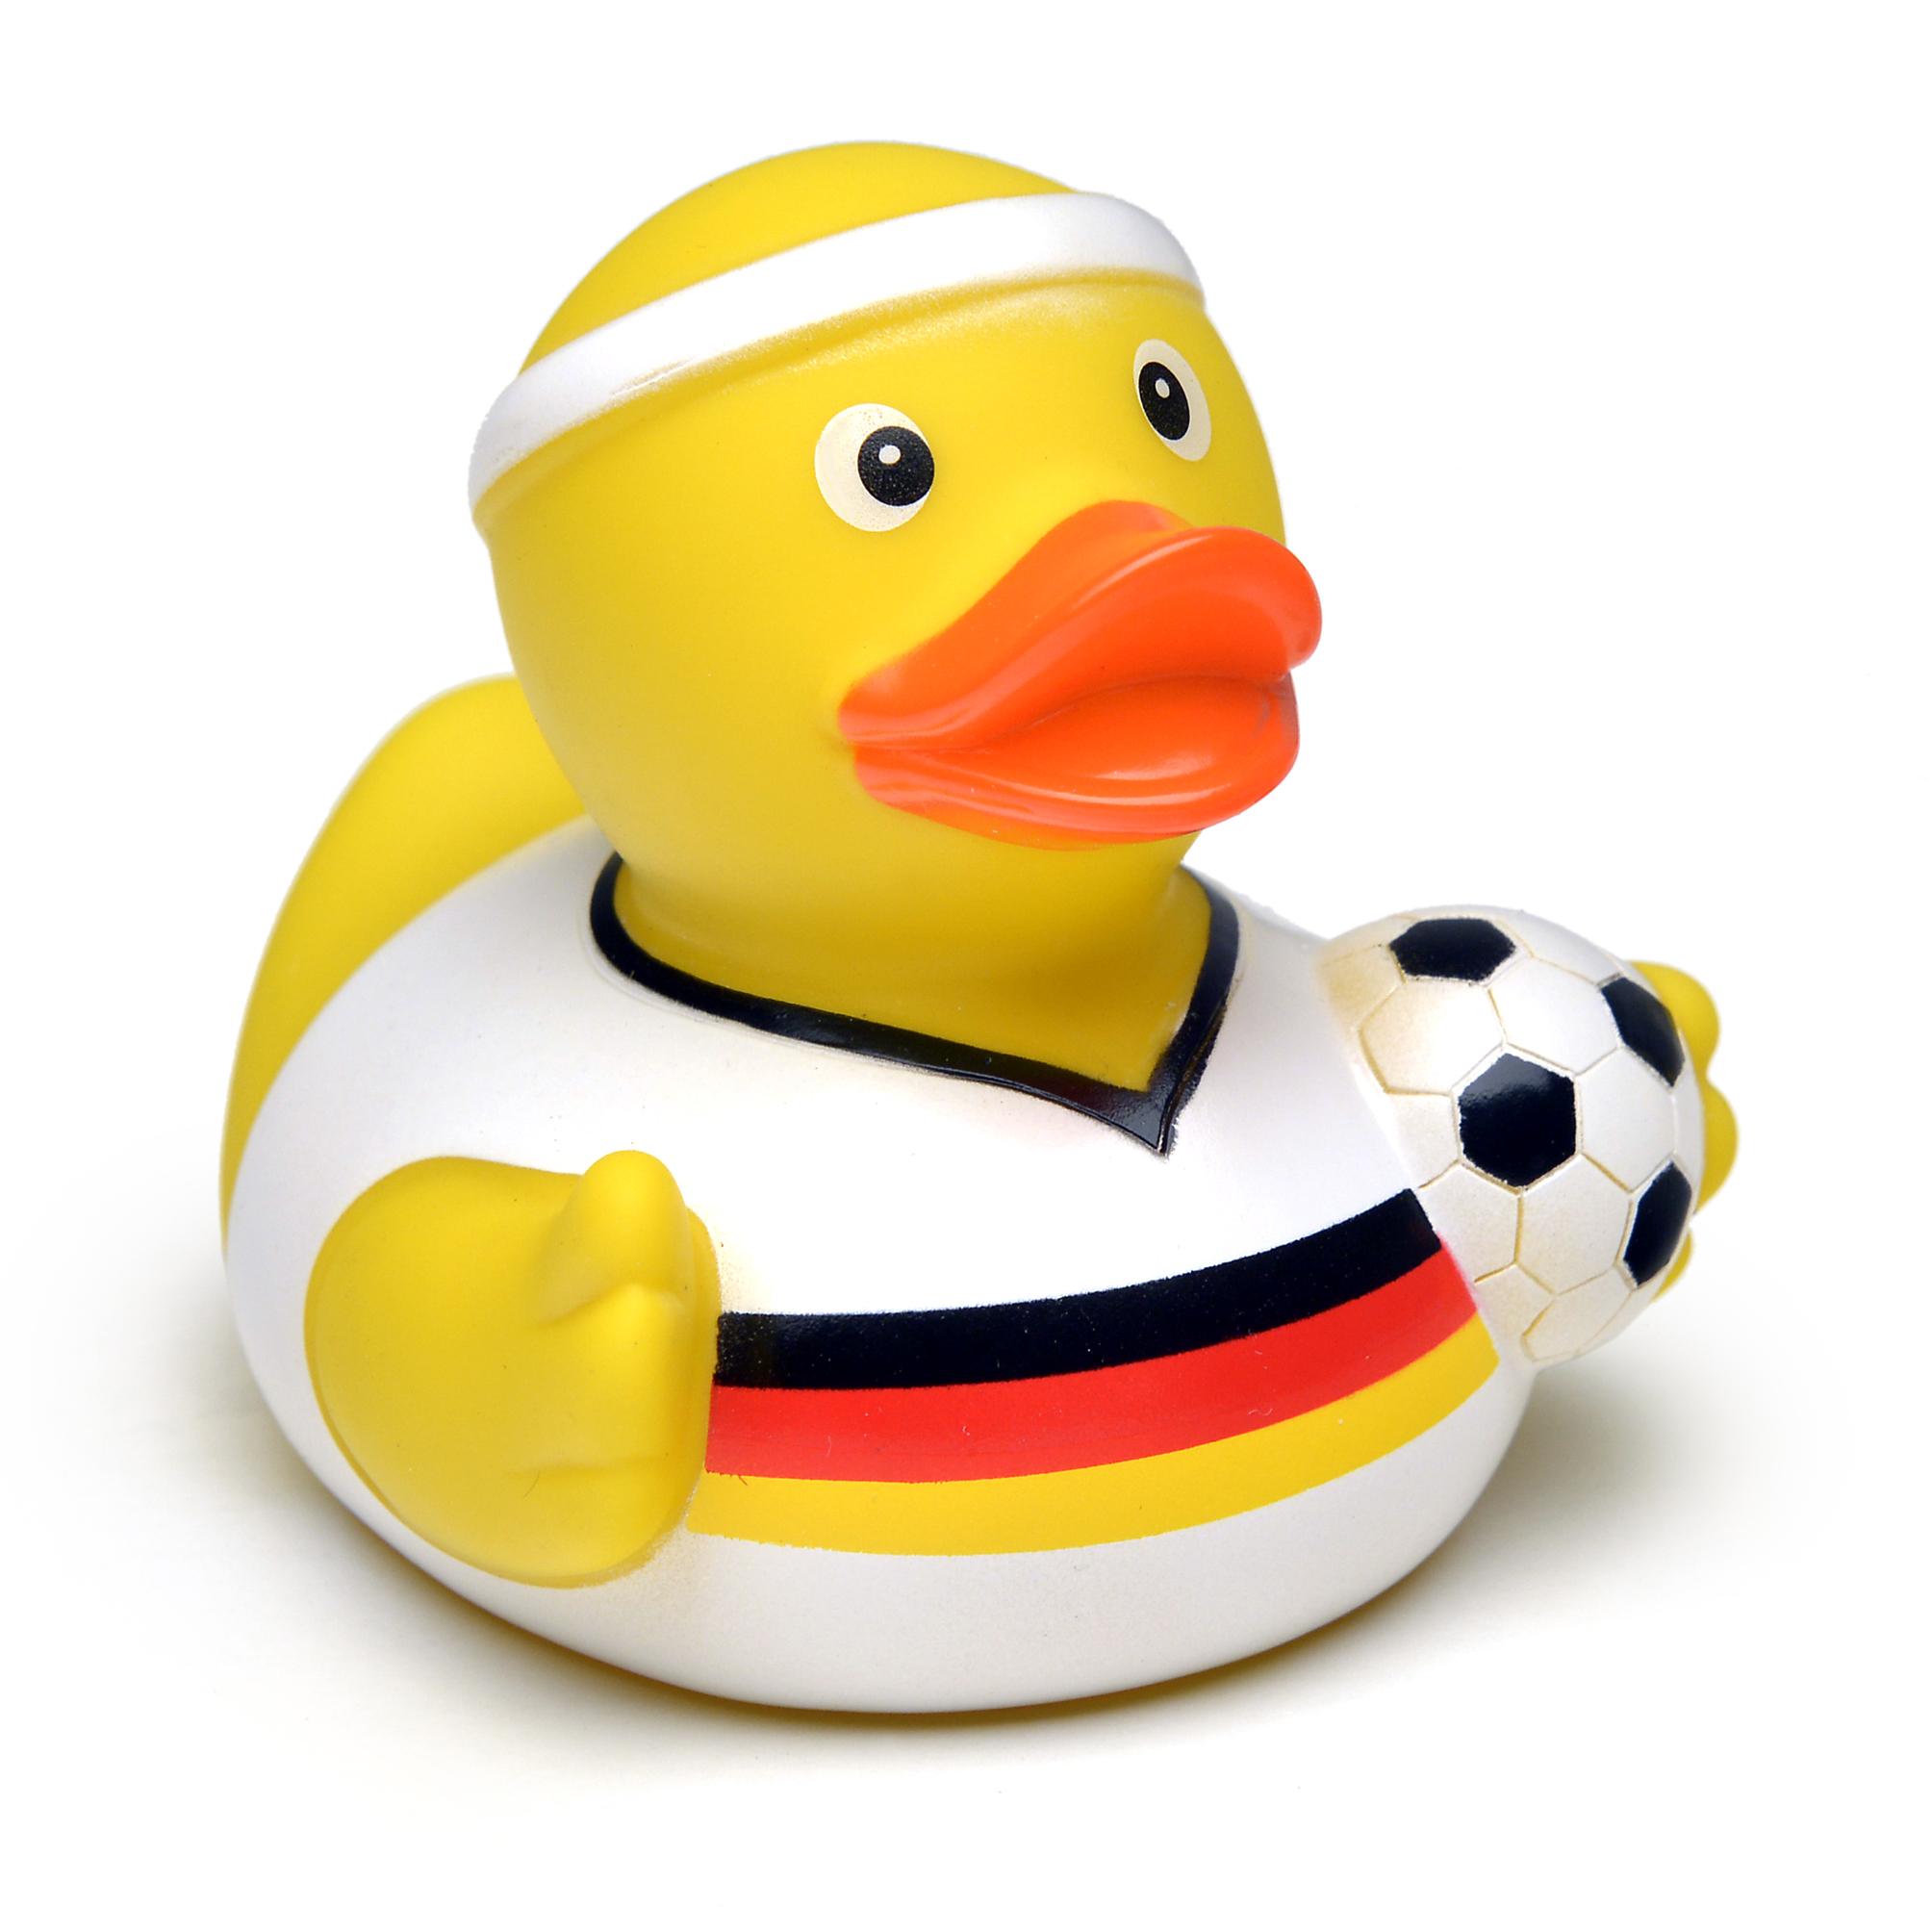 100-0010_Fussball_Deutschland_Ente_weisses-Tr